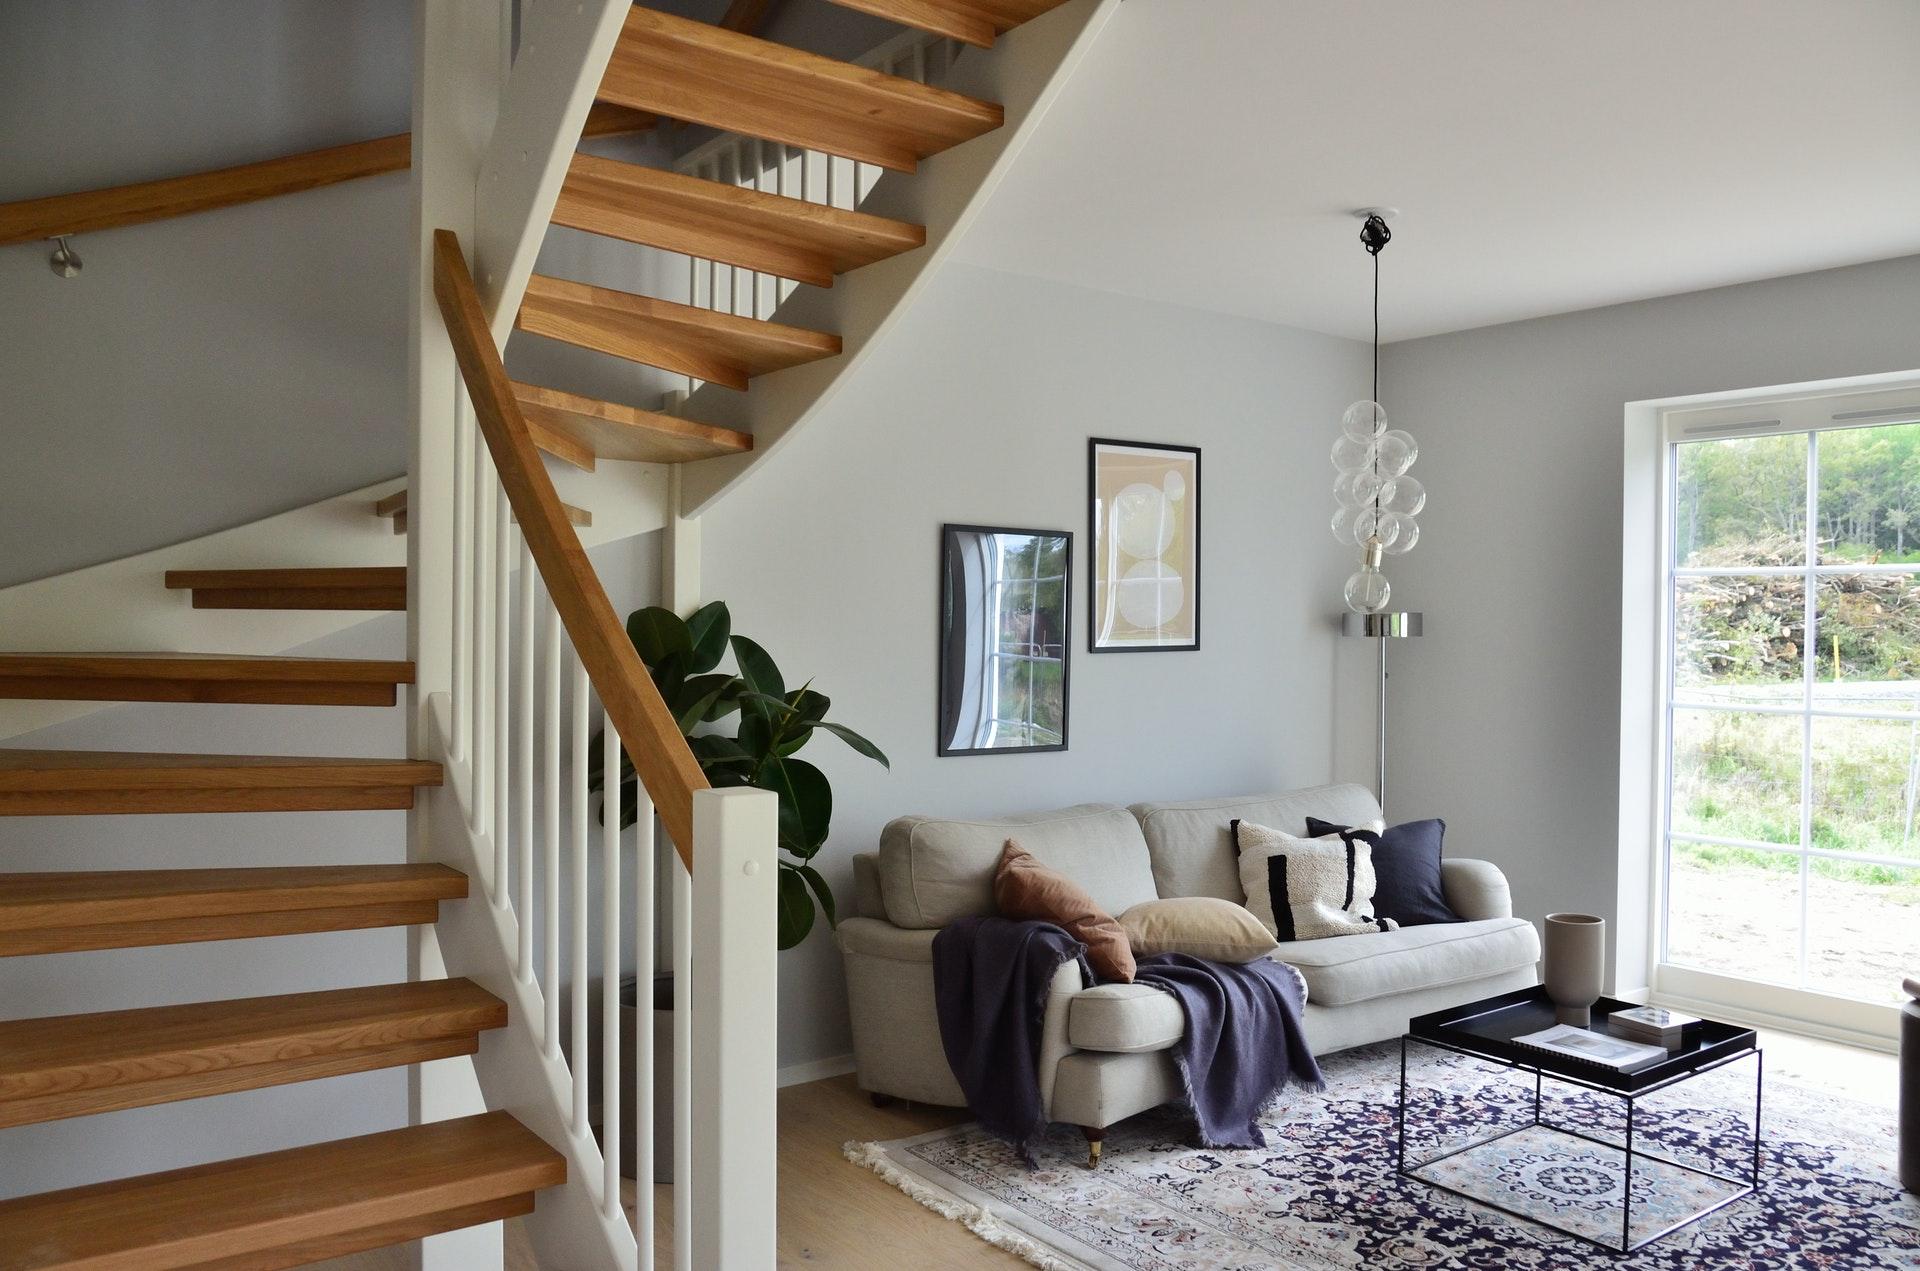 Uno de los métodos de robo en viviendas más usados es el escalo: acceder desde la azotea a las ventanas del piso superior.